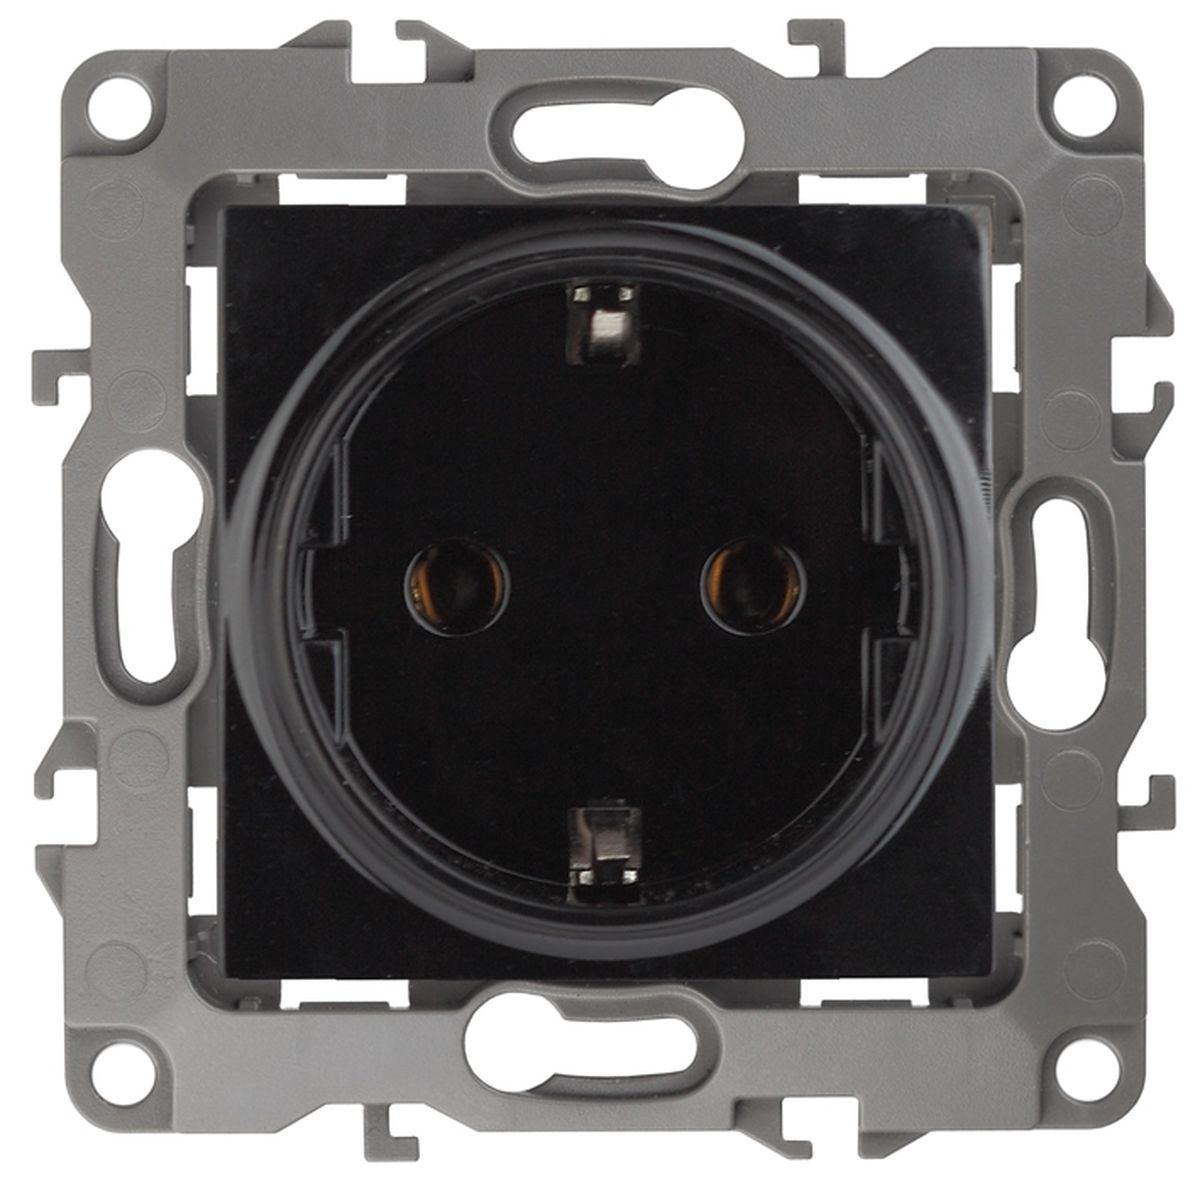 Розетка одинарная Эра, цвет: черный. 12-2001-0612-2001-06Одинарная розетка Эра с заземлением, скрытой установки, без металлических лапок, имеет бронзовые контакты и фиксаторы модулей.